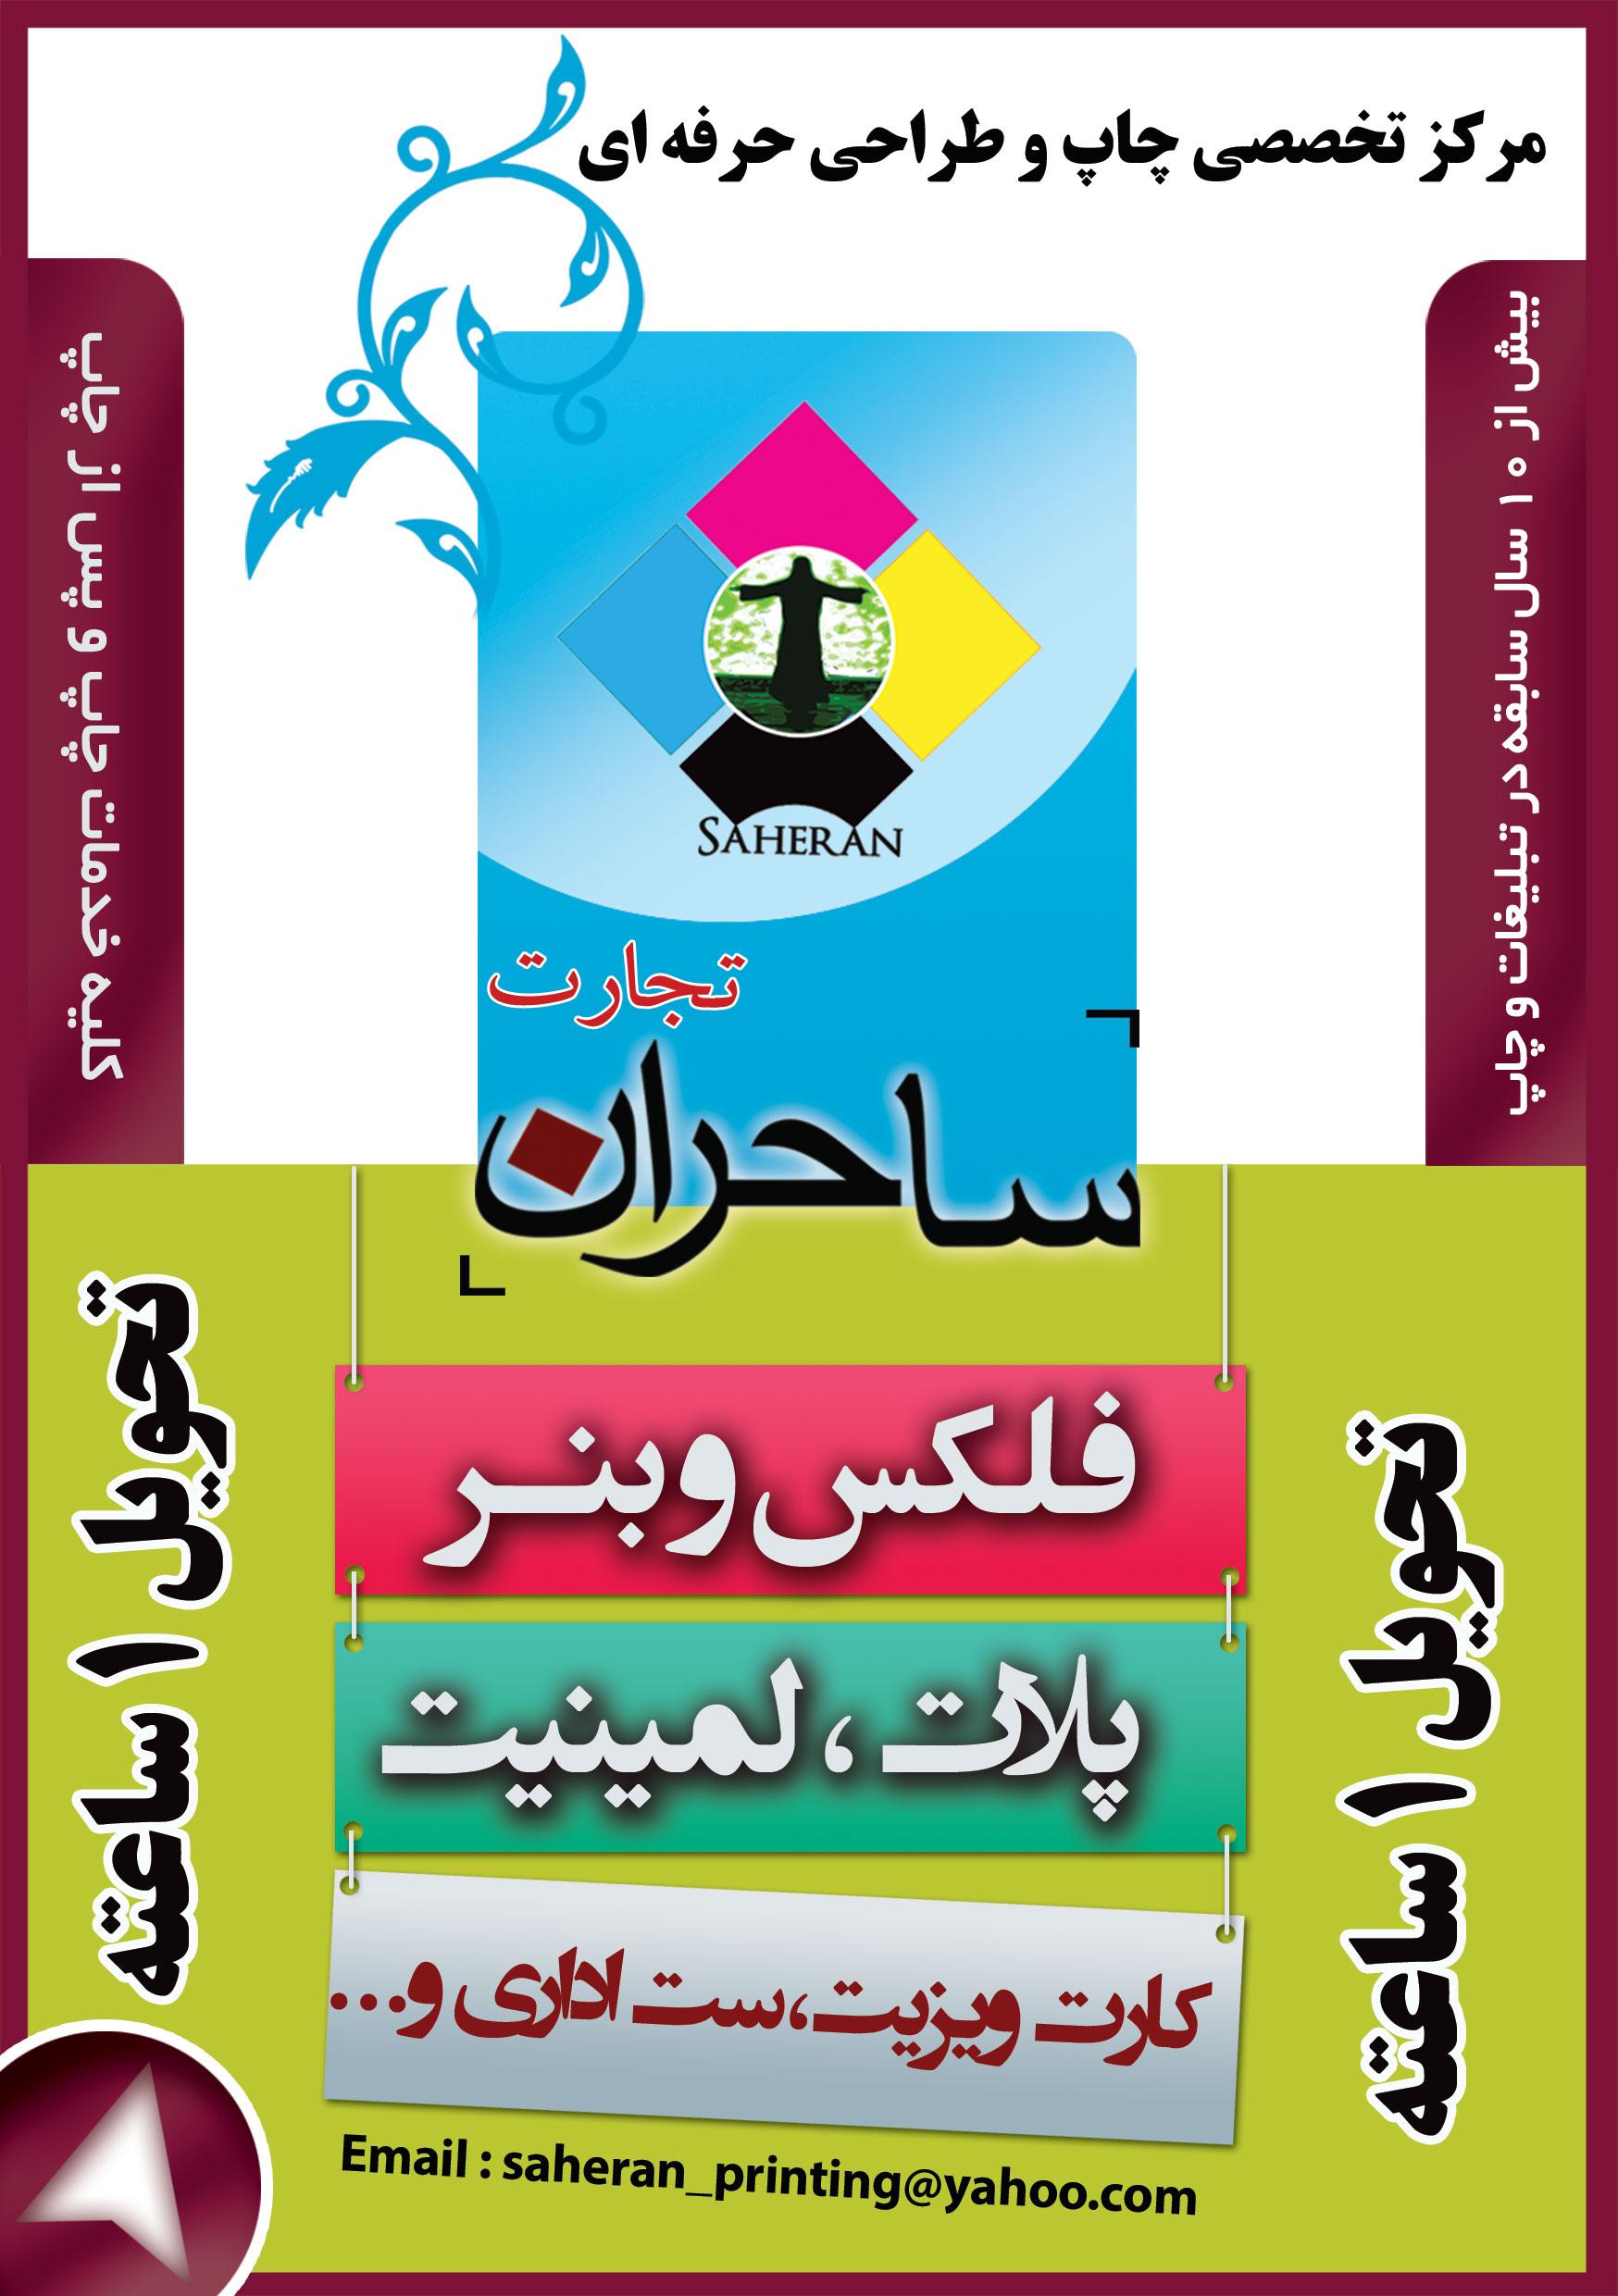 saheran-tract-copy